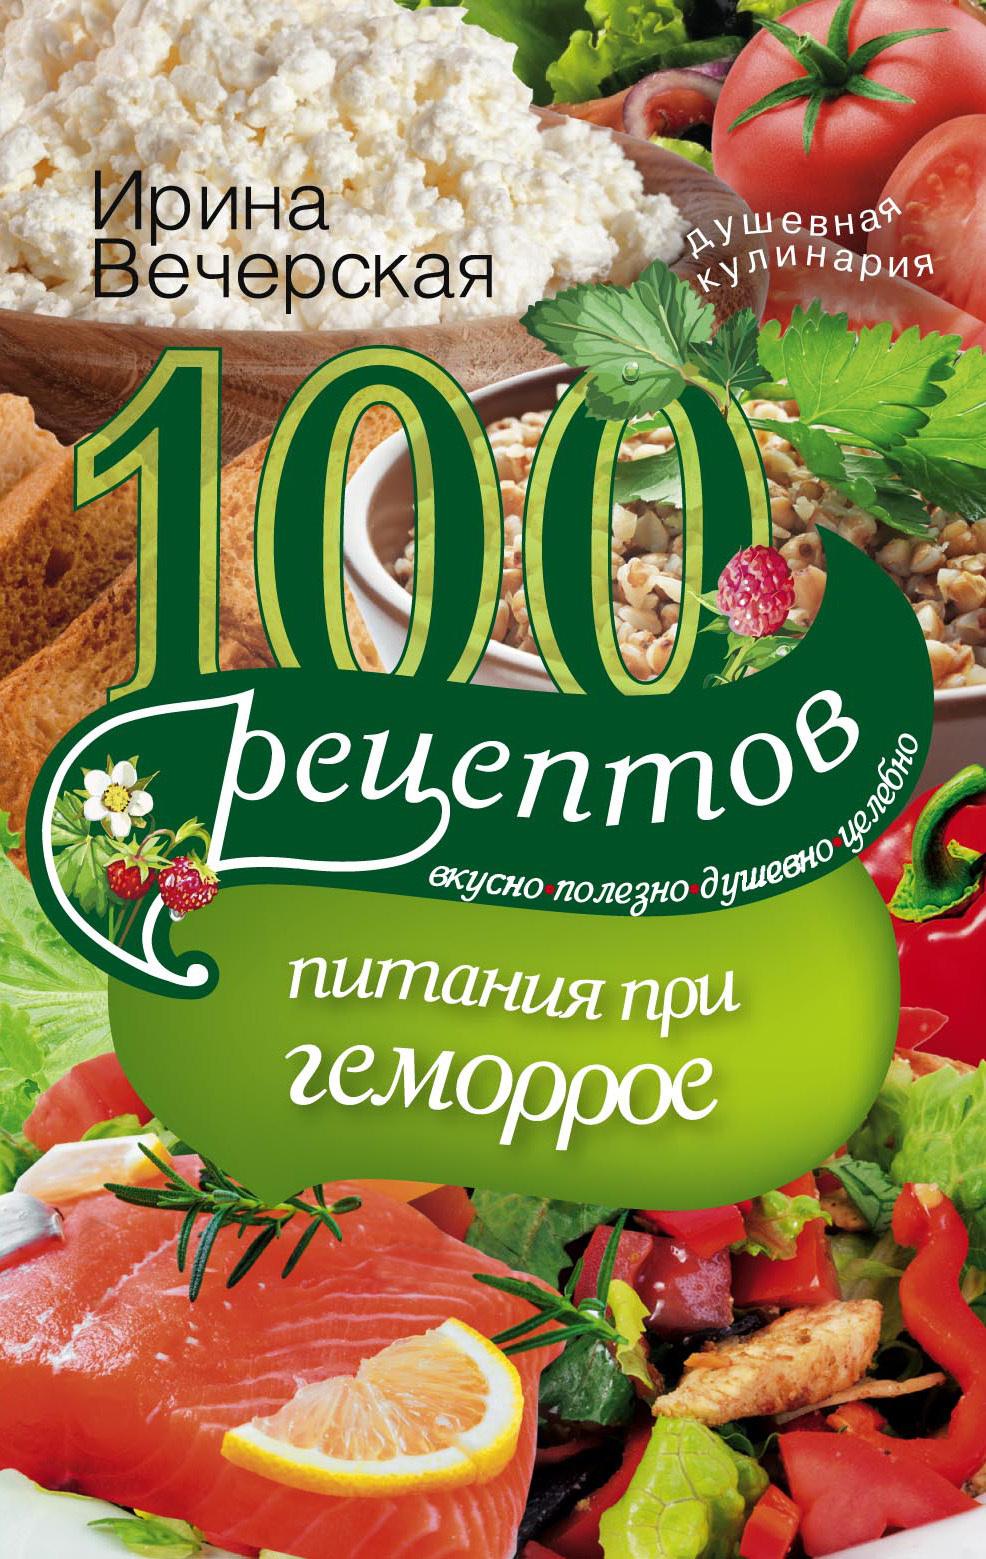 Ирина Вечерская. 100 рецептов при геморрое. Вкусно, полезно, душевно, целебно